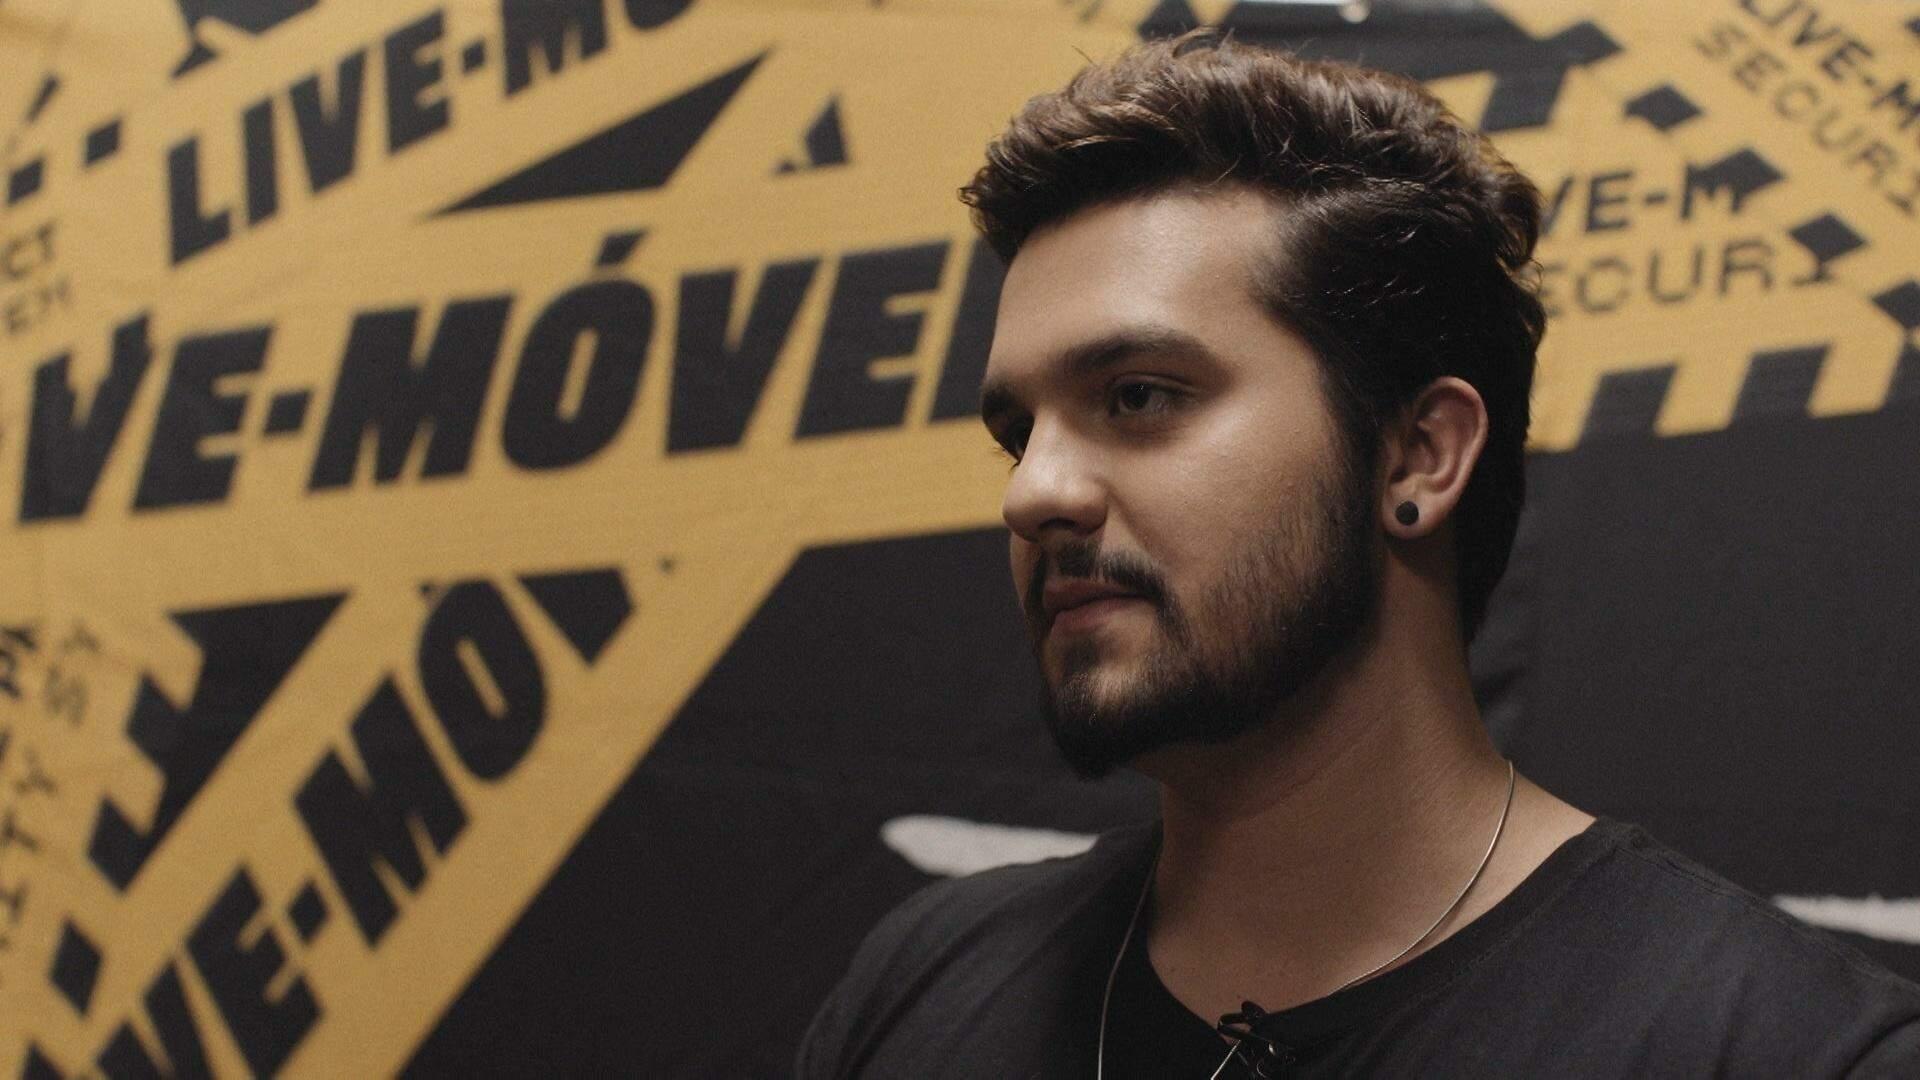 Luan Santana também aparece na obra e fala sobre os trabalhos com a música. (Foto: Reprodução/Documentário)